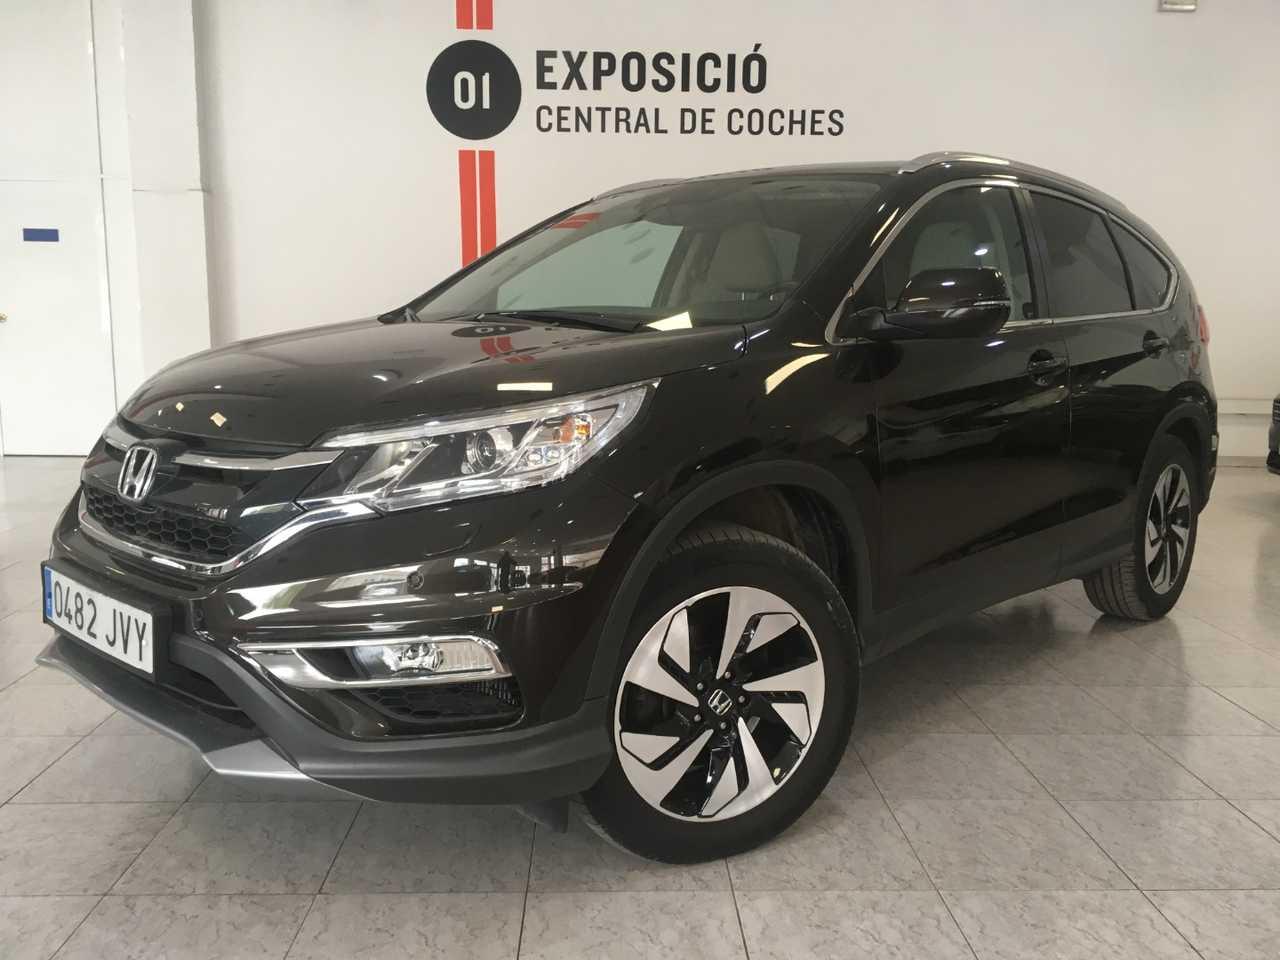 Honda CR-V 1.6 i-DTEC 160cv 4x4 Aut. Executive / Techo / Cuero /Navi -24 MESES DE GARANTIA-   - Foto 1